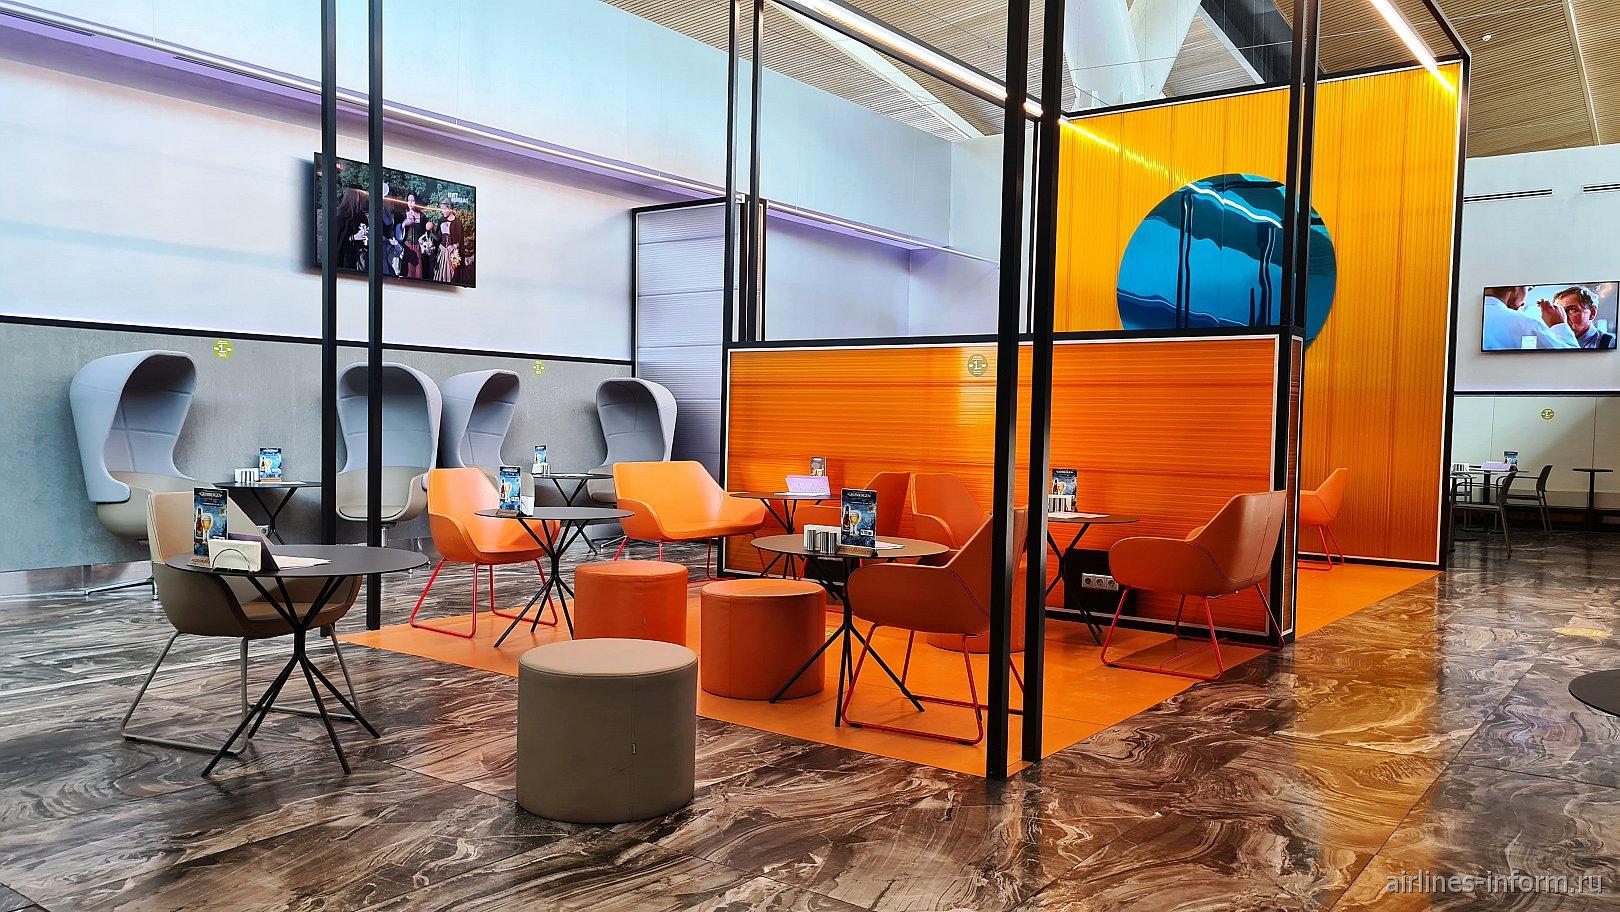 Бизнес-зал Priority Pass в аэропорту Платов, зона внутренних вылетов